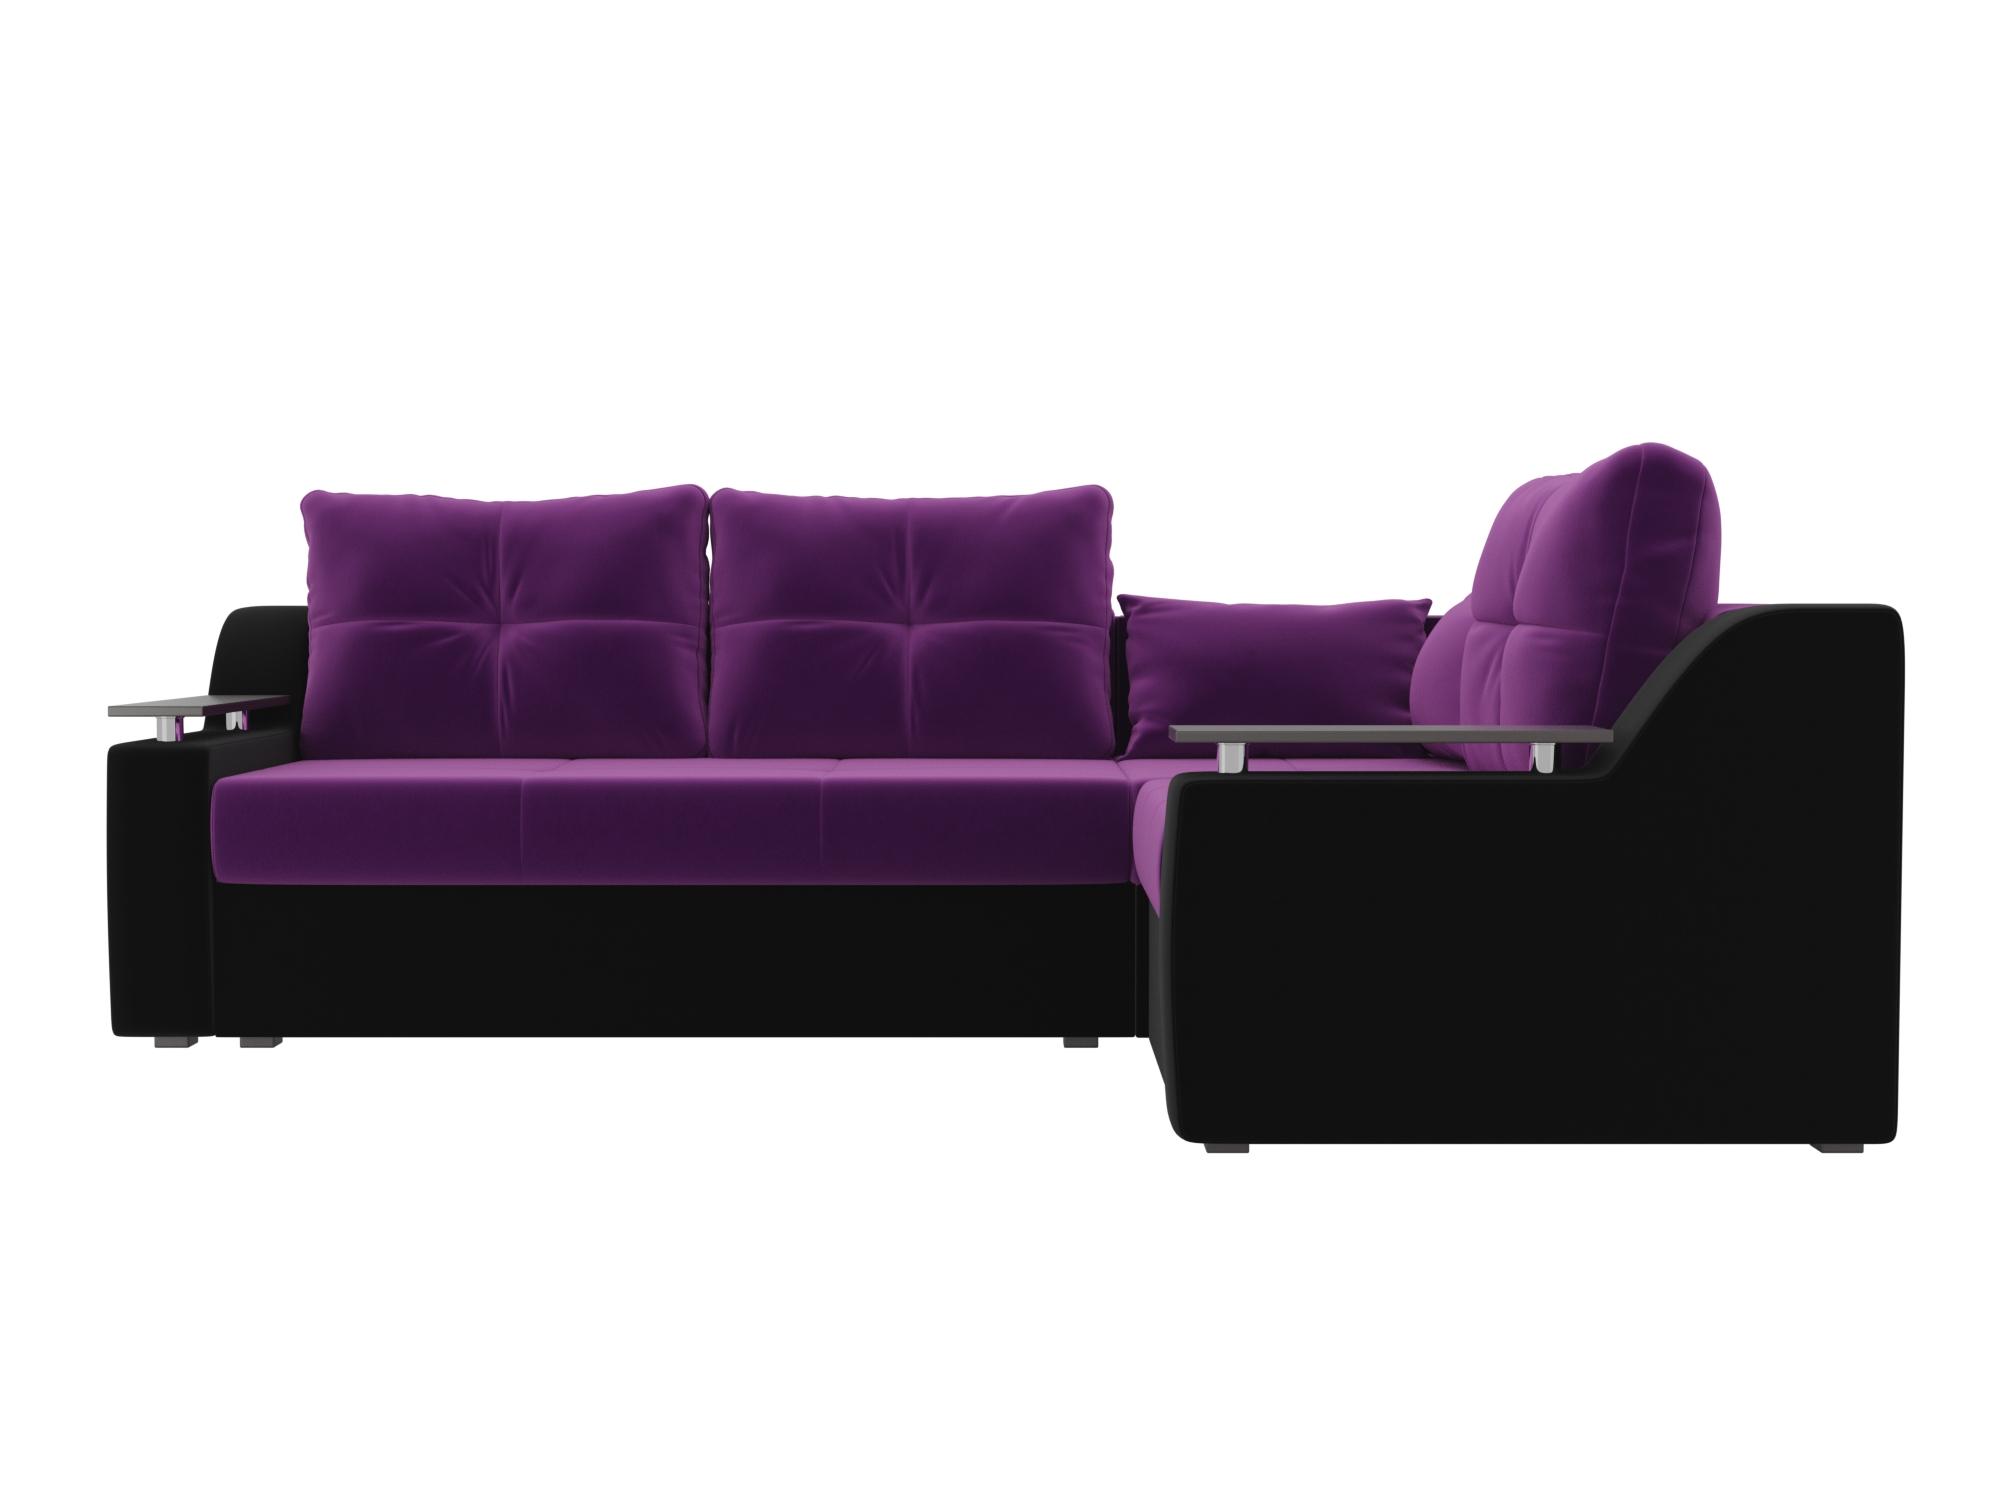 Угловой диван Кронос Правый MebelVia Фиолетовый, Черный Фиолетовый, Черный